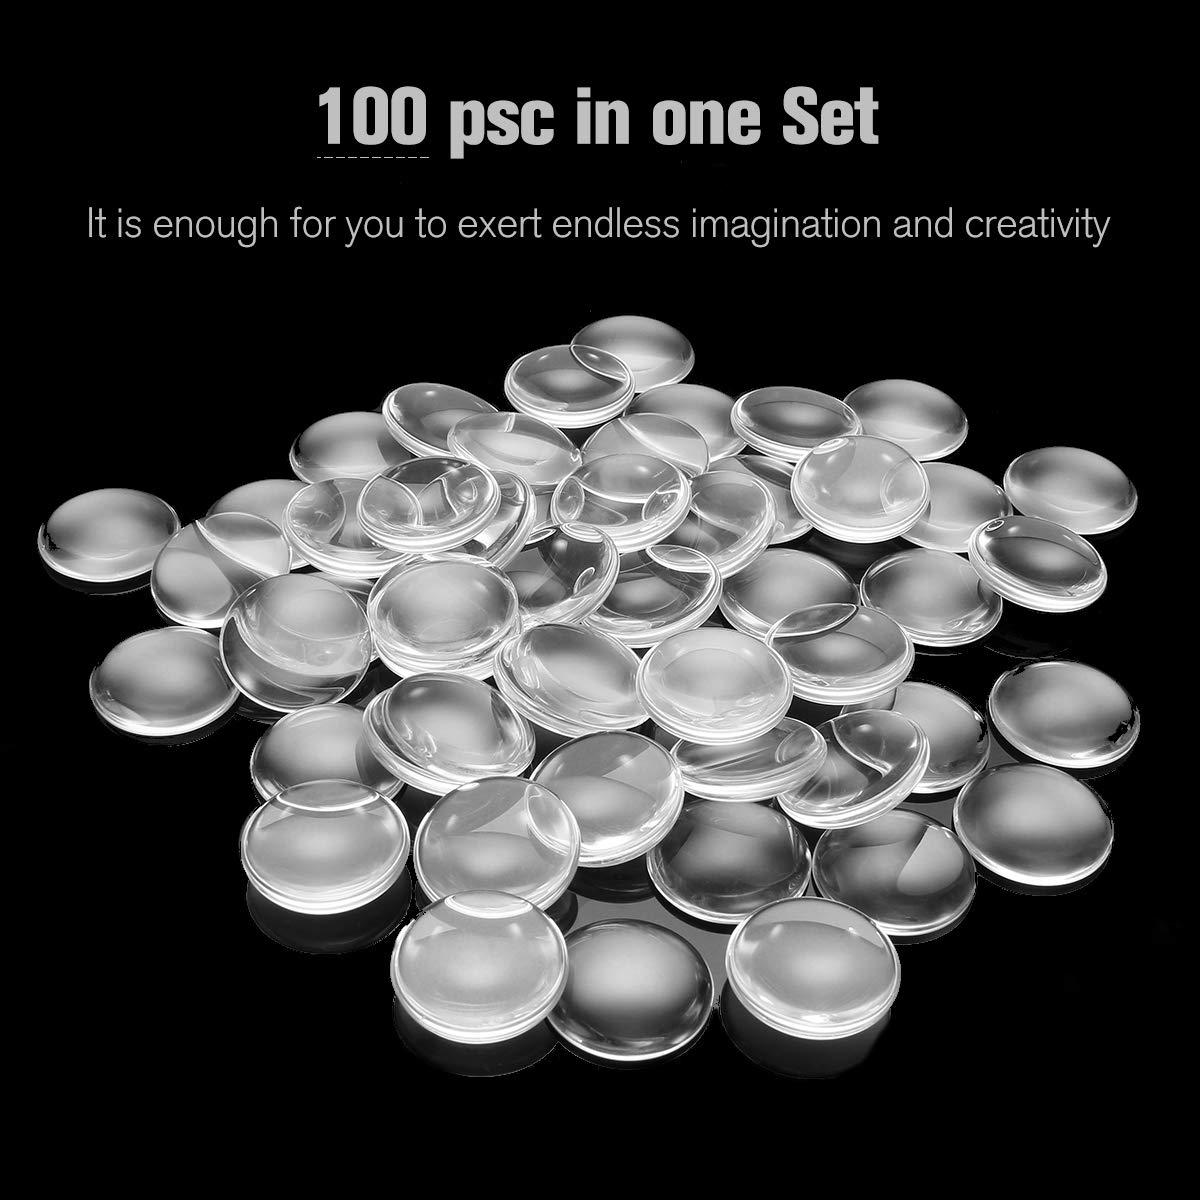 Jeteven 100pcs Glas Cabochon Set rund, Crystal Cabochon rohlinge, Flat Back Glaskuppel, DIY Schmuck Basteln Schmuckherstellung Set 25mm